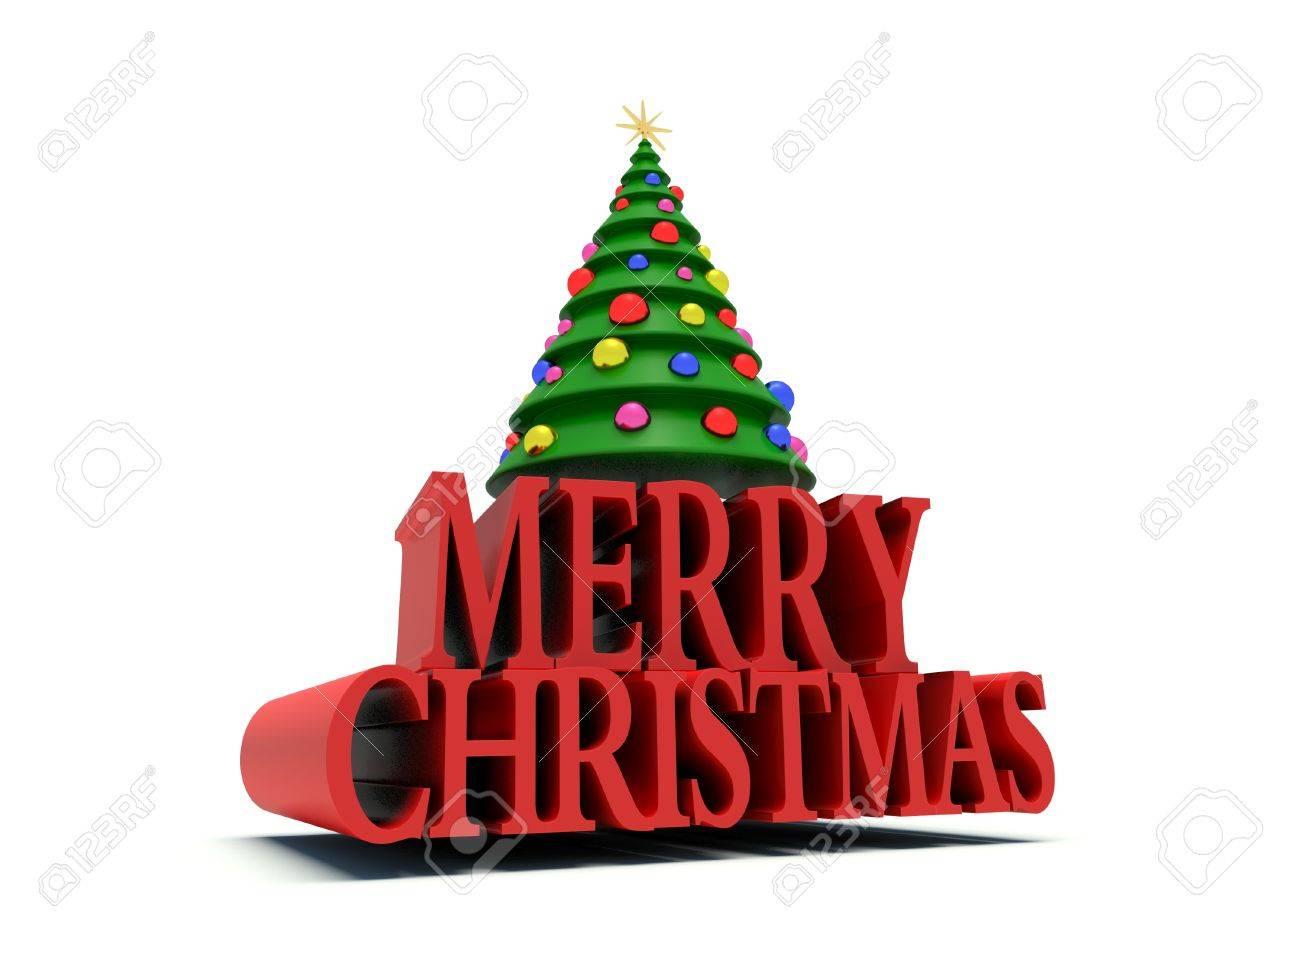 Stern Auf Weihnachtsbaum.Frohe Weihnachten Weihnachtsbaum Mit Dekorationen Und Stern 3d